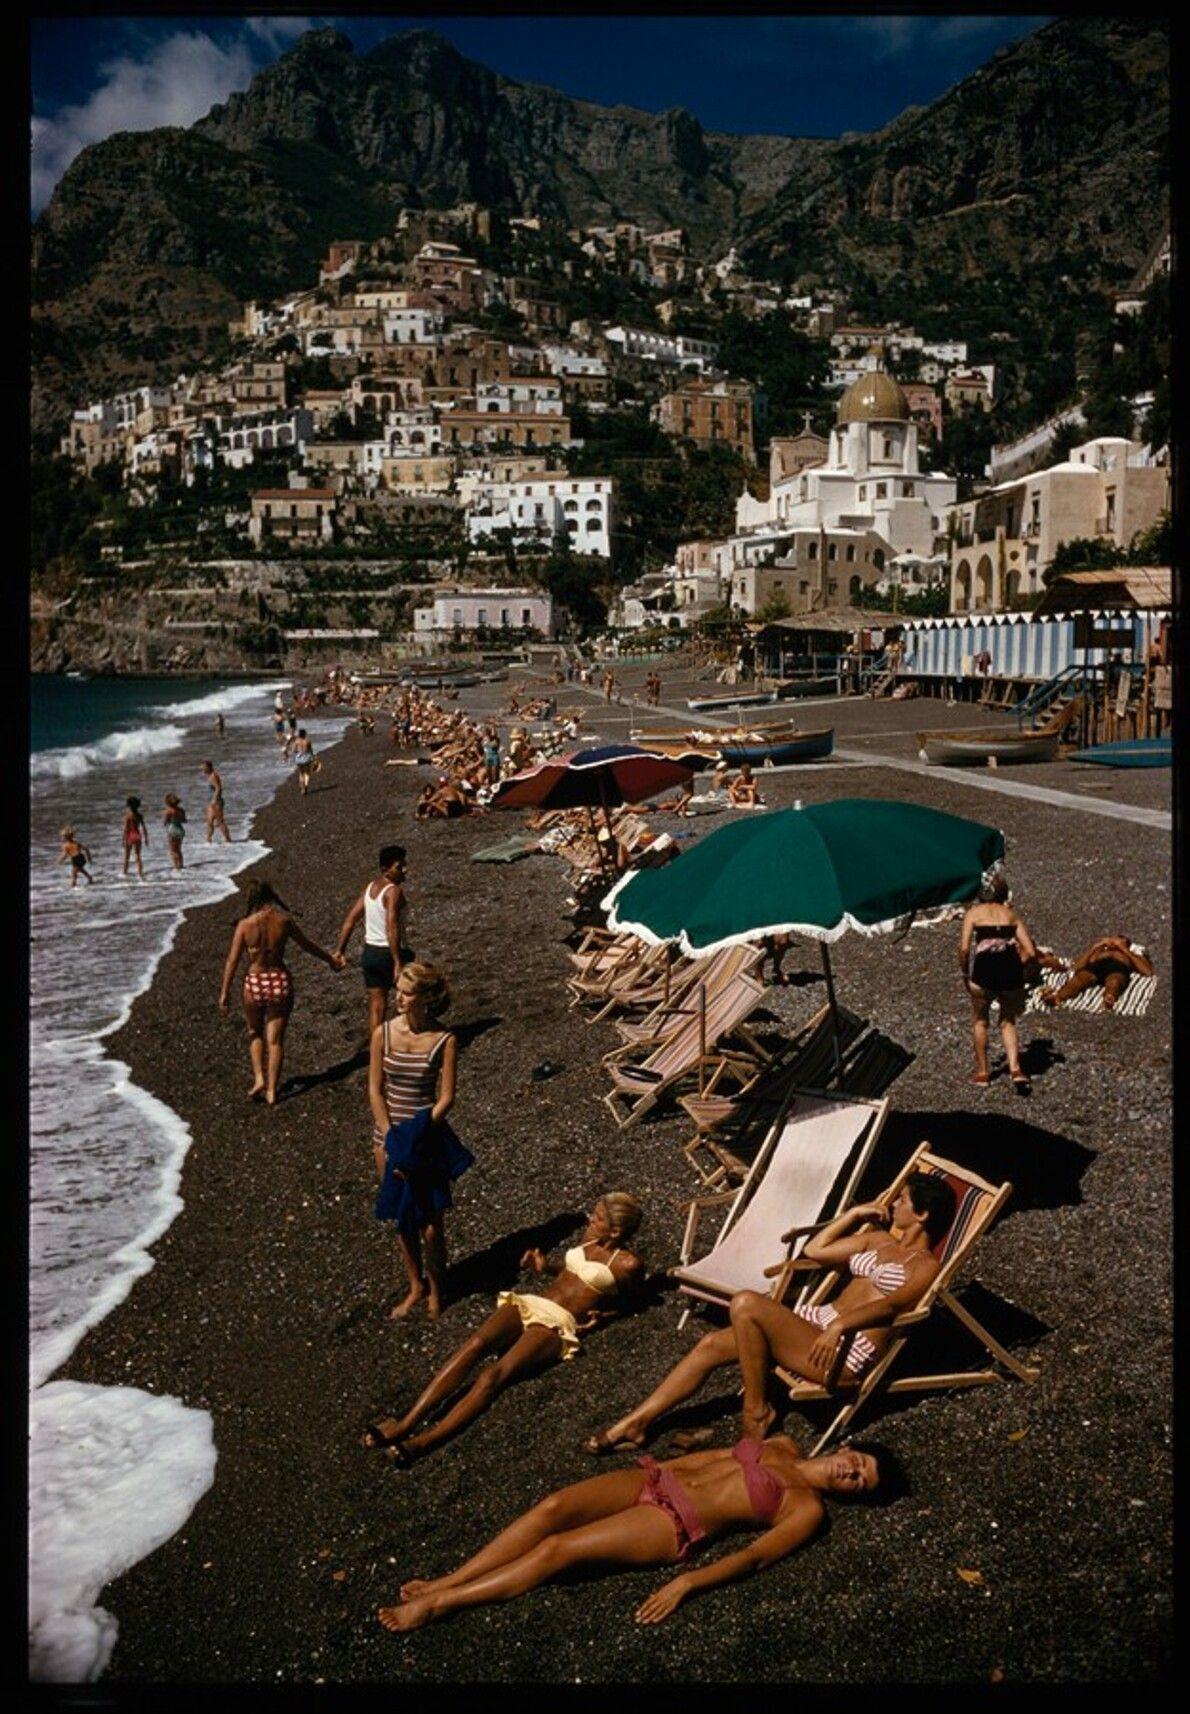 """Sonnenanbeter sonnen sich neben den Gebäuden der """"vertikalen Stadt"""" Positano, 1959."""